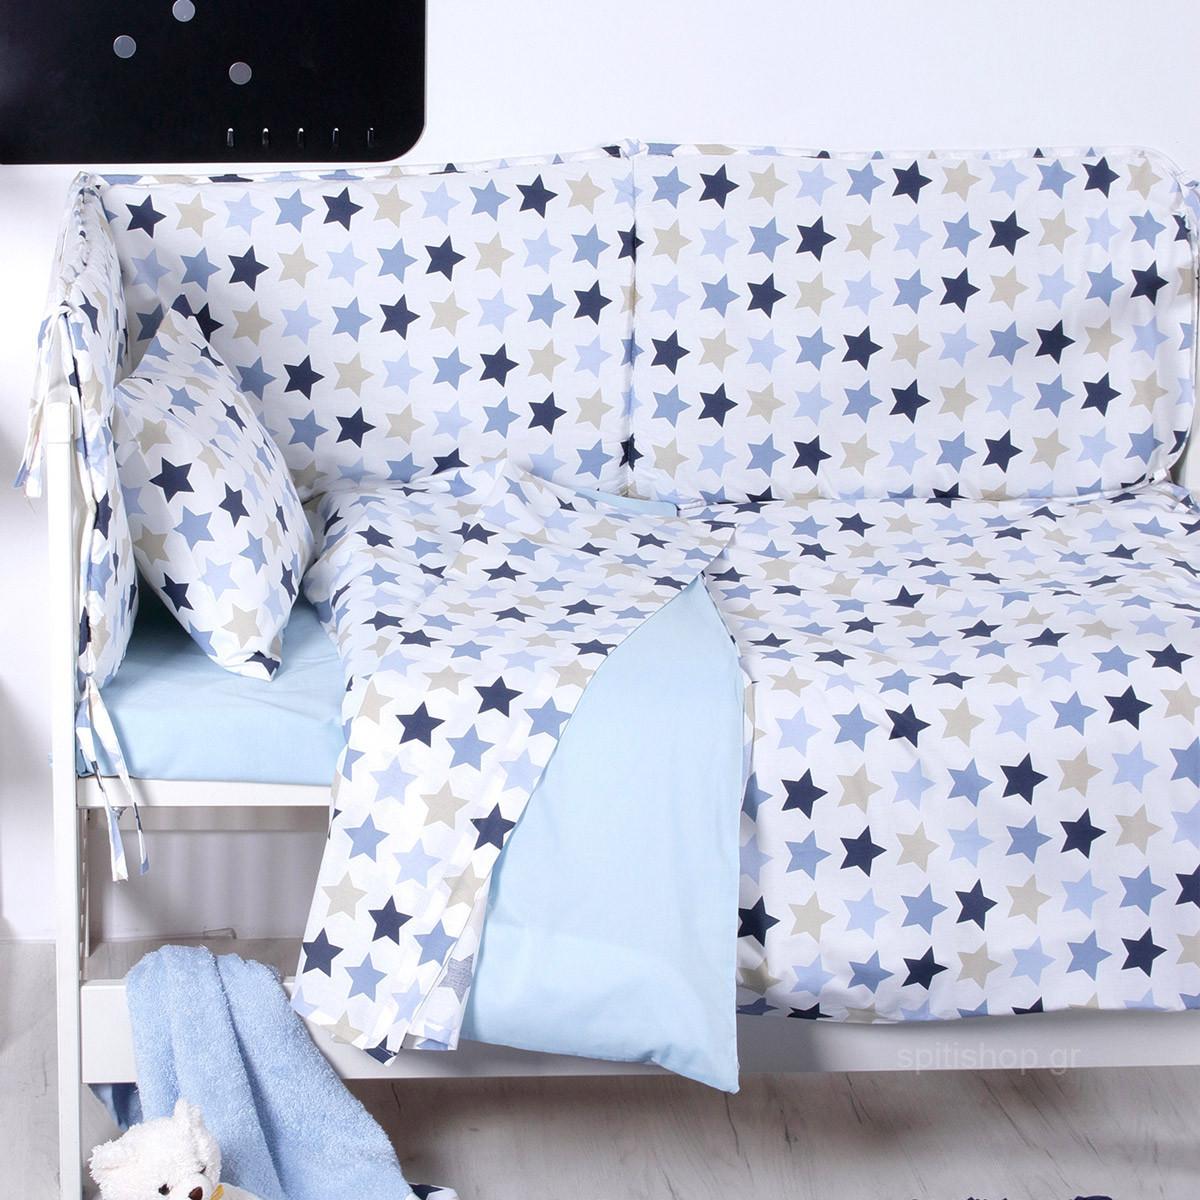 ecdd26b57bd Βρεφικά > Σεντόνια Βρεφικά Sb Home. Σεντόνια Κούνιας (Σετ) Sb Home Baby  Stars Blue 96818